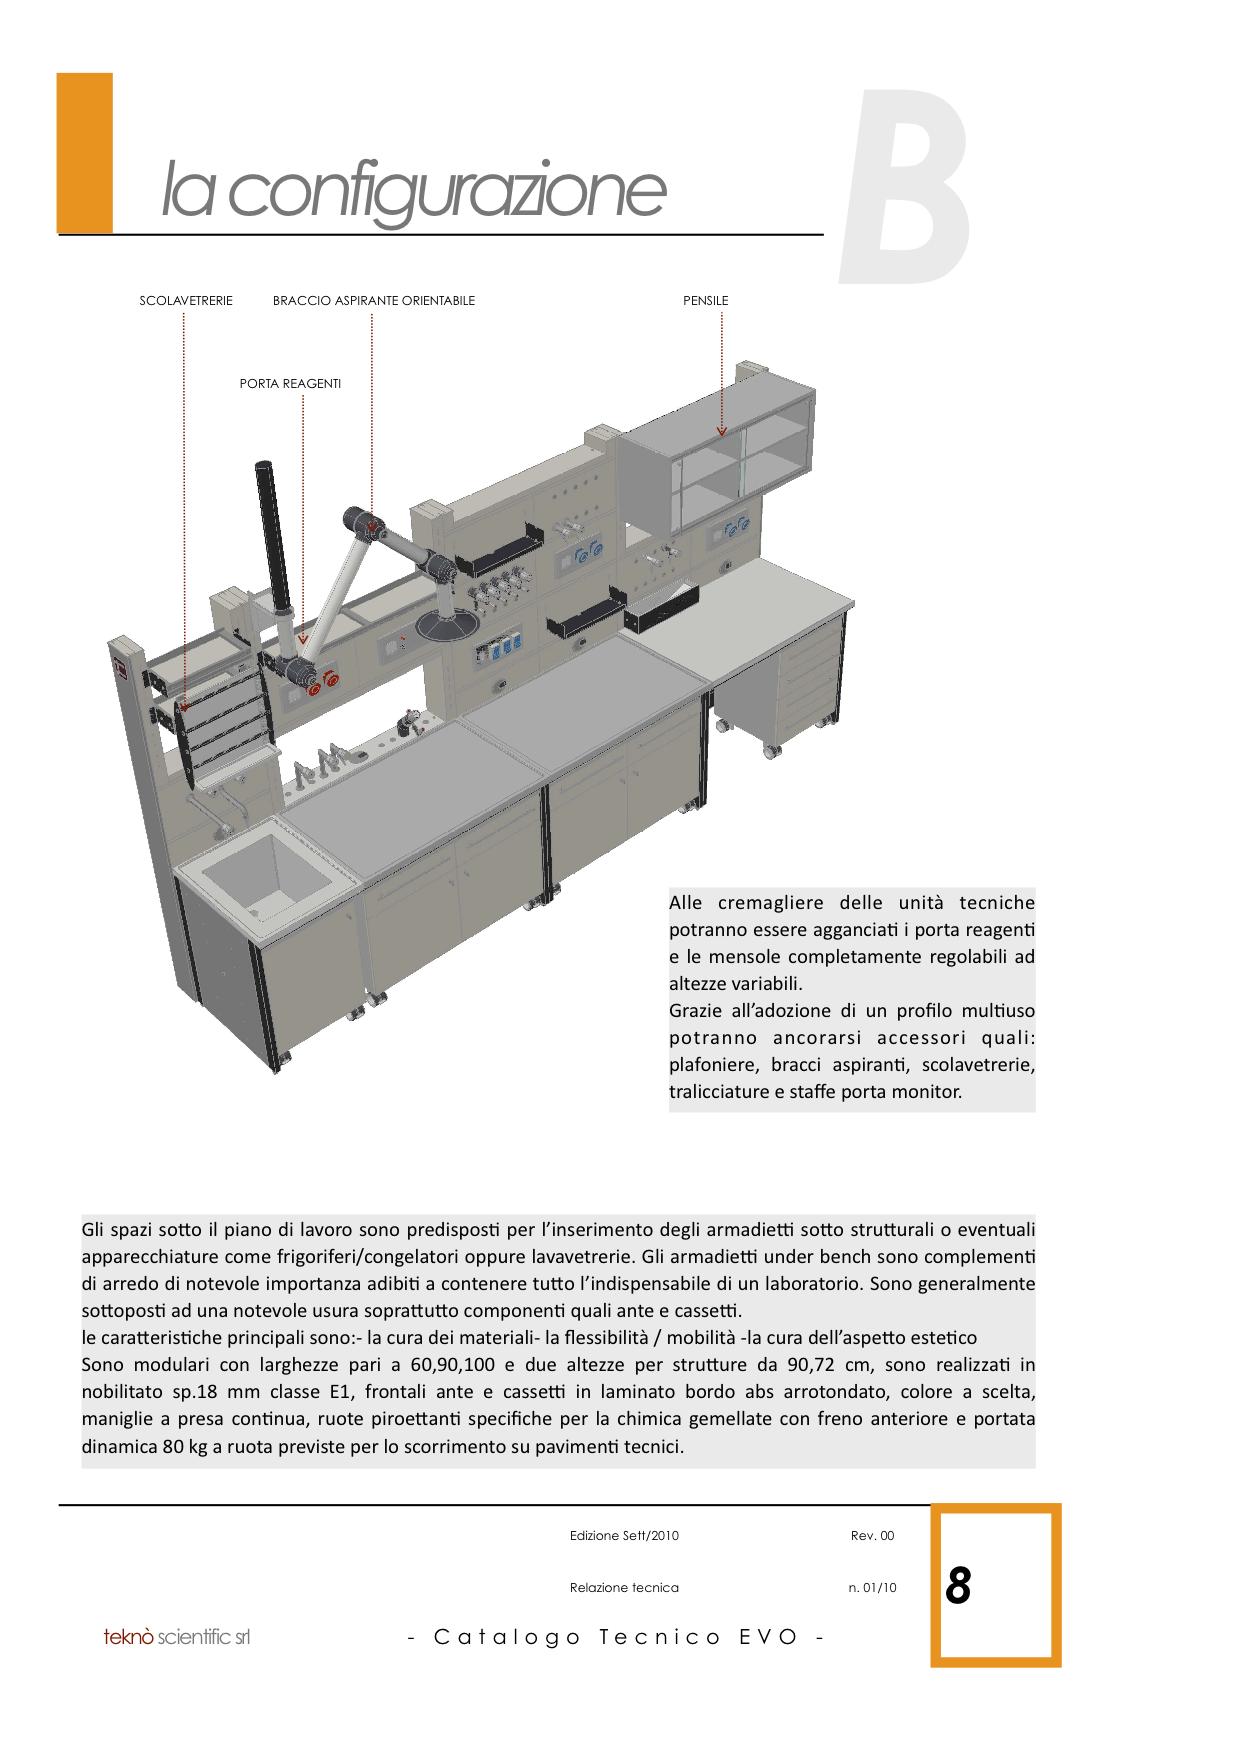 EVO Catalogo Tecnico Generale copia 8.png